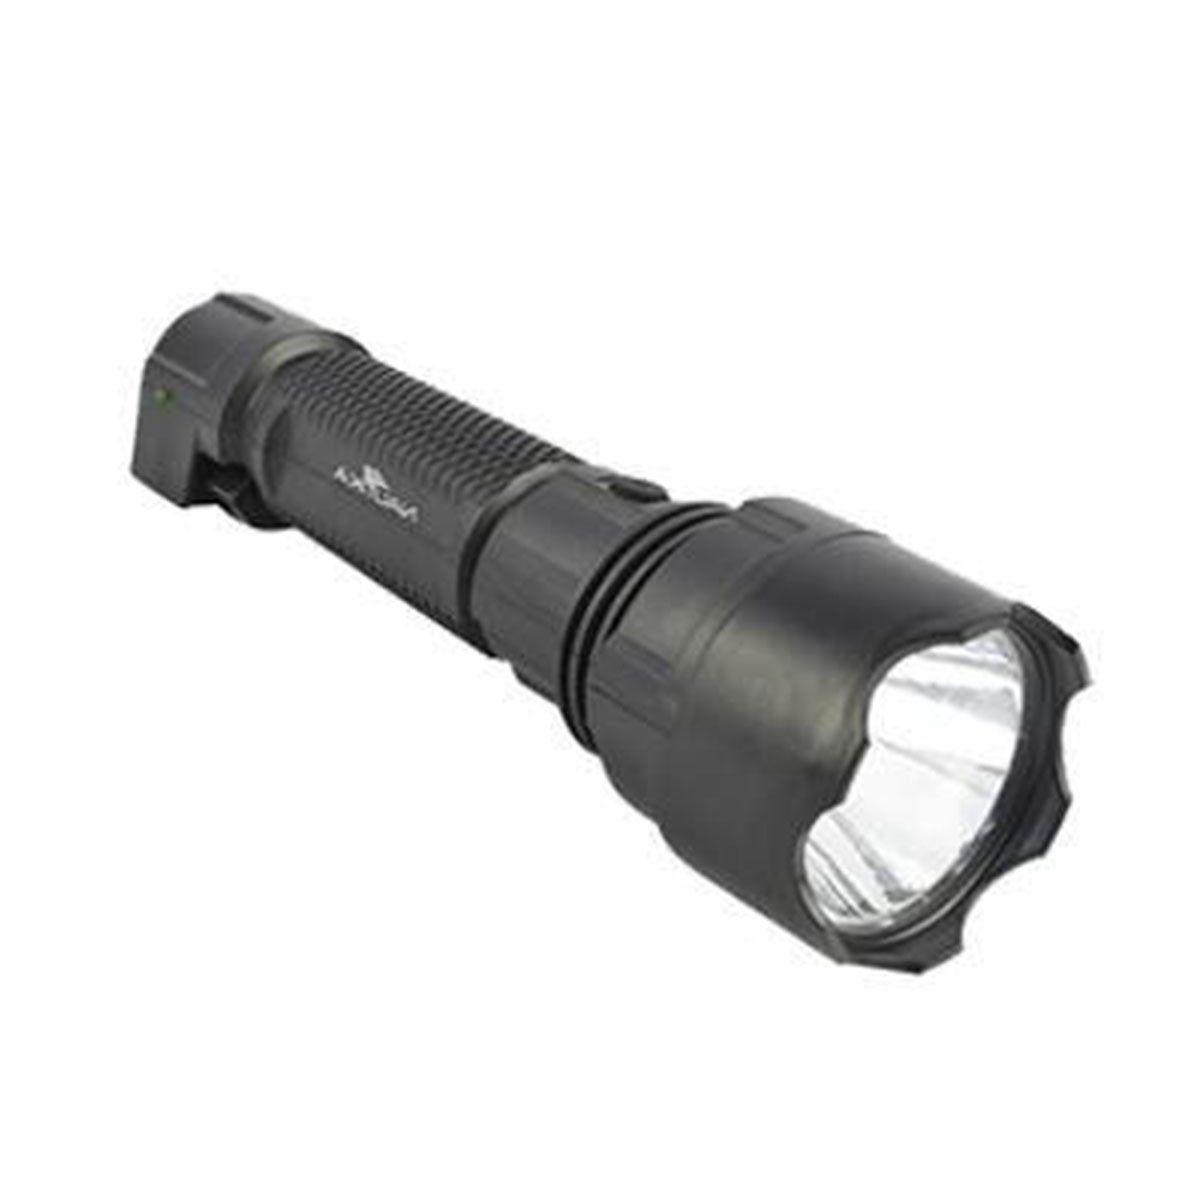 Lanterna Nautika Duralight Unica